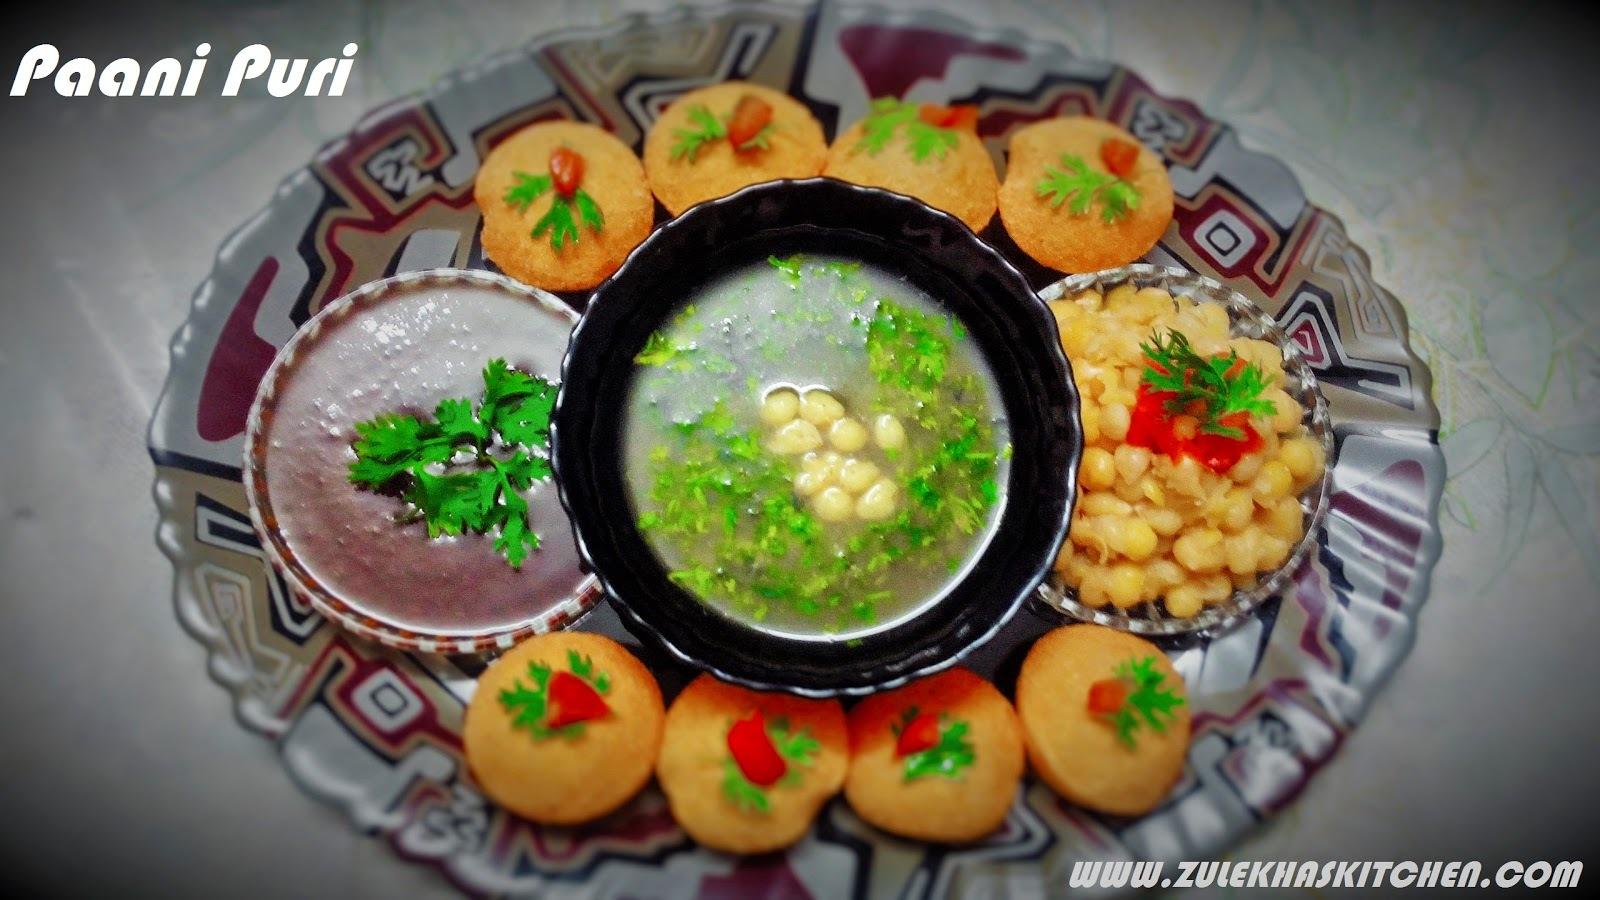 Recipe of Paani Puri